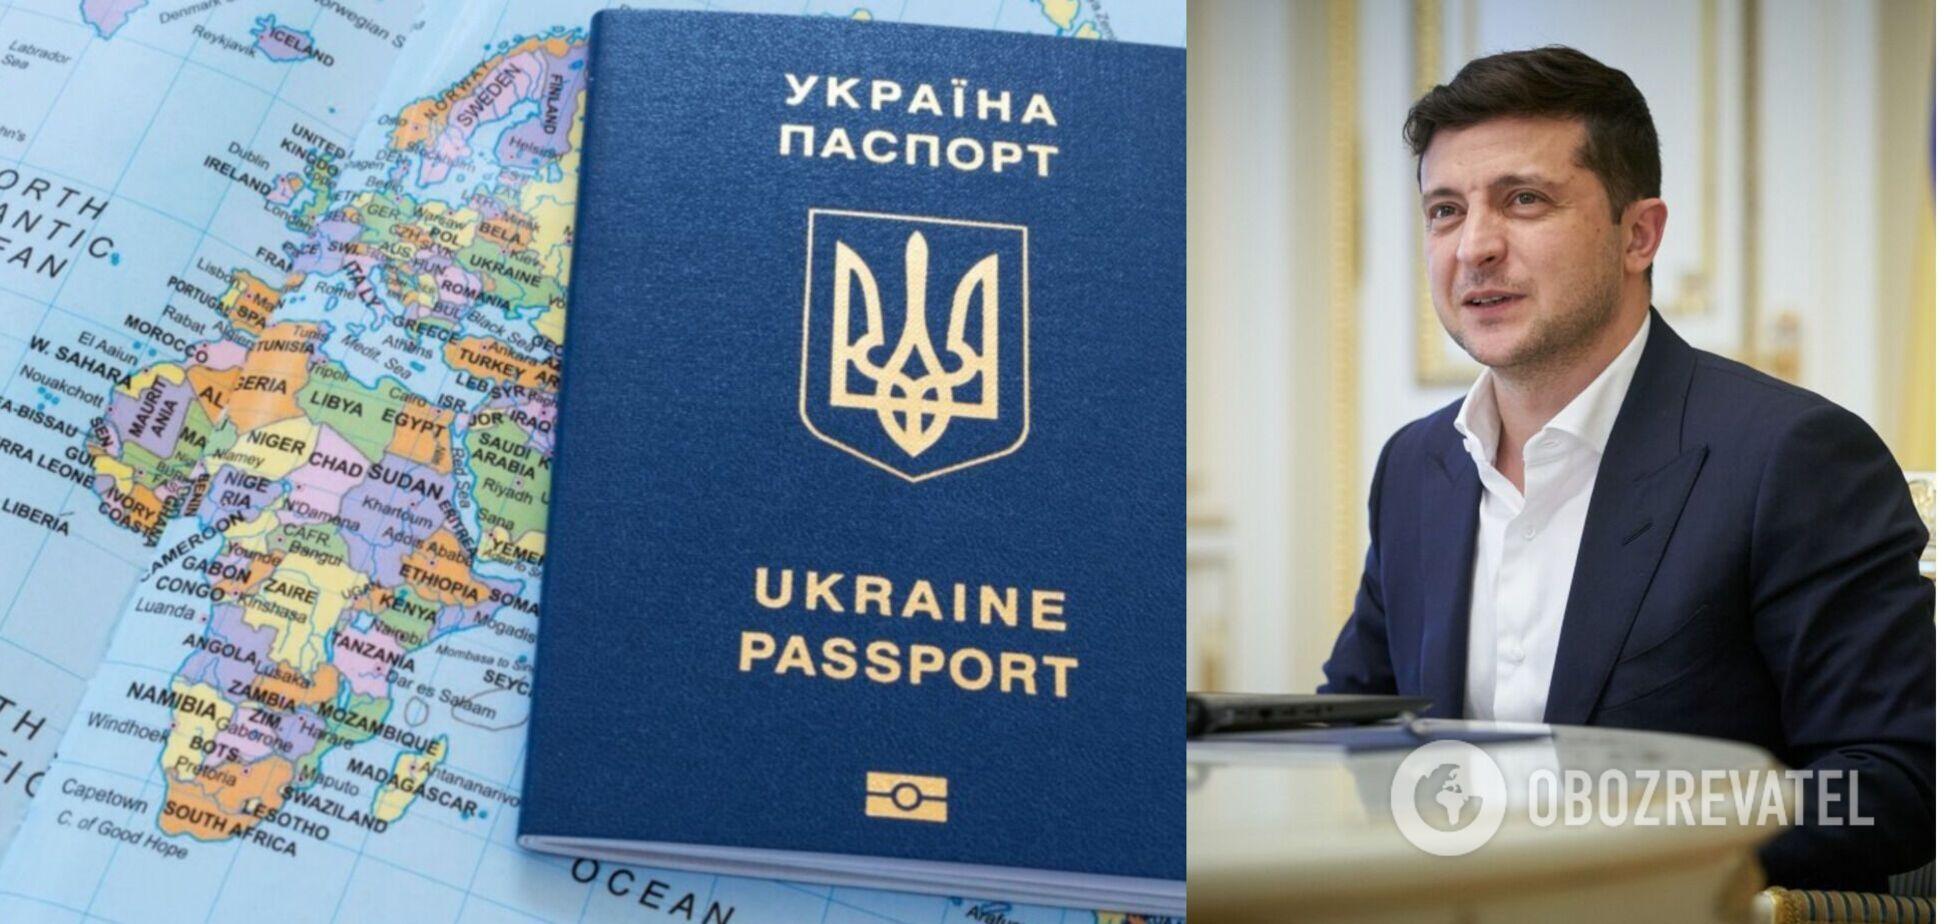 Зеленский поддержал идею введения двойного гражданства: парламент изучает этот вопрос